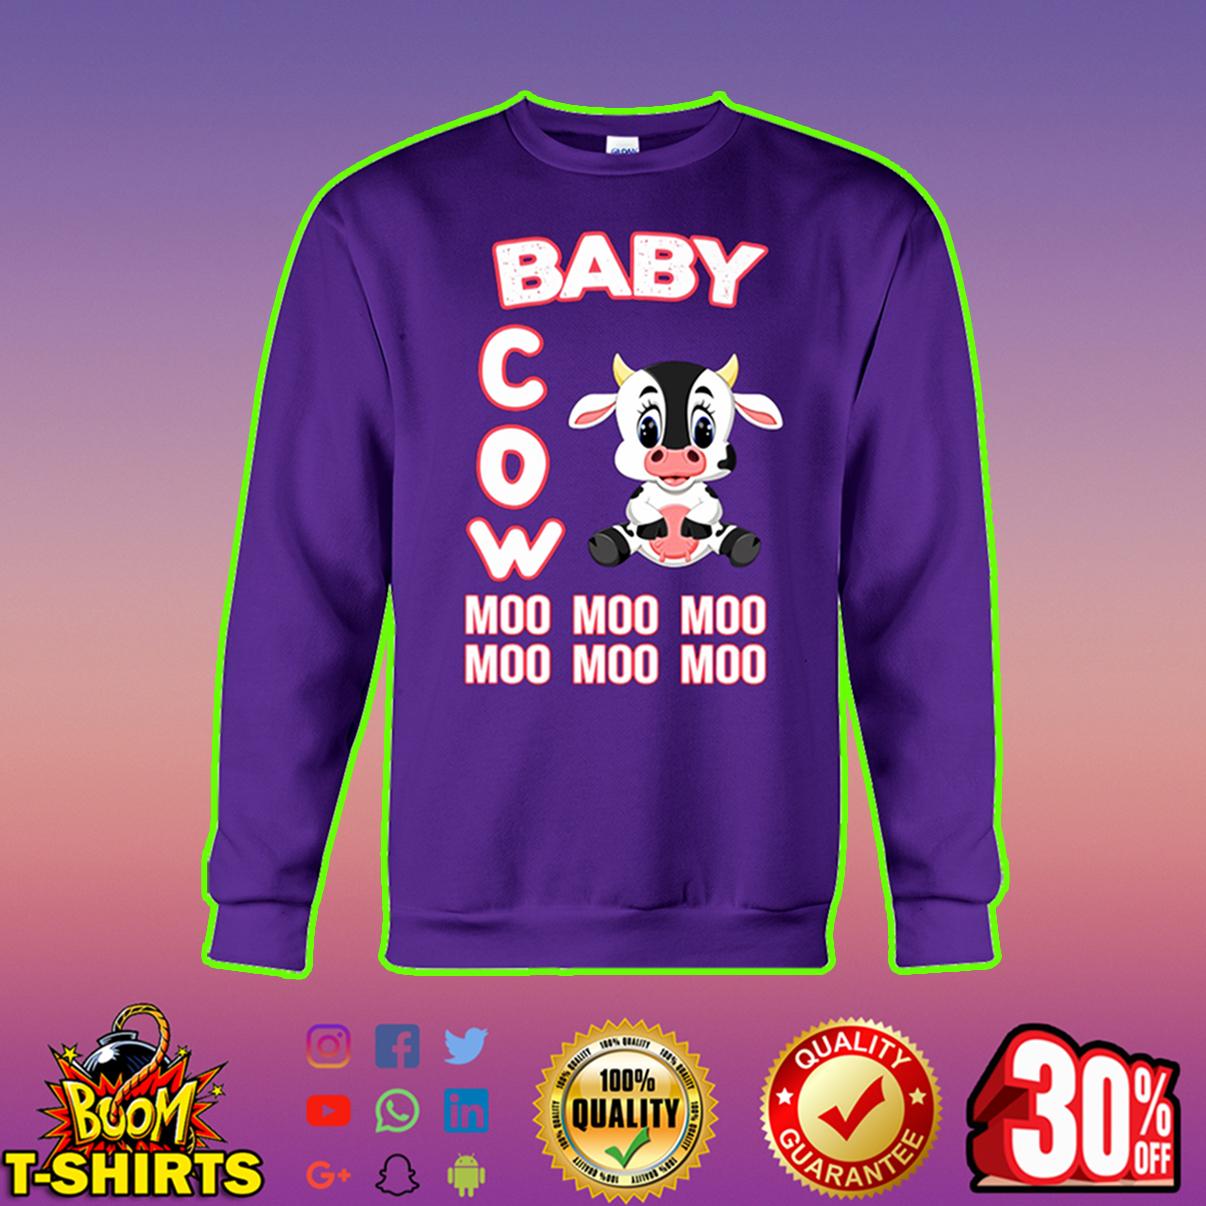 Baby cow moo moo moo sweatshirt